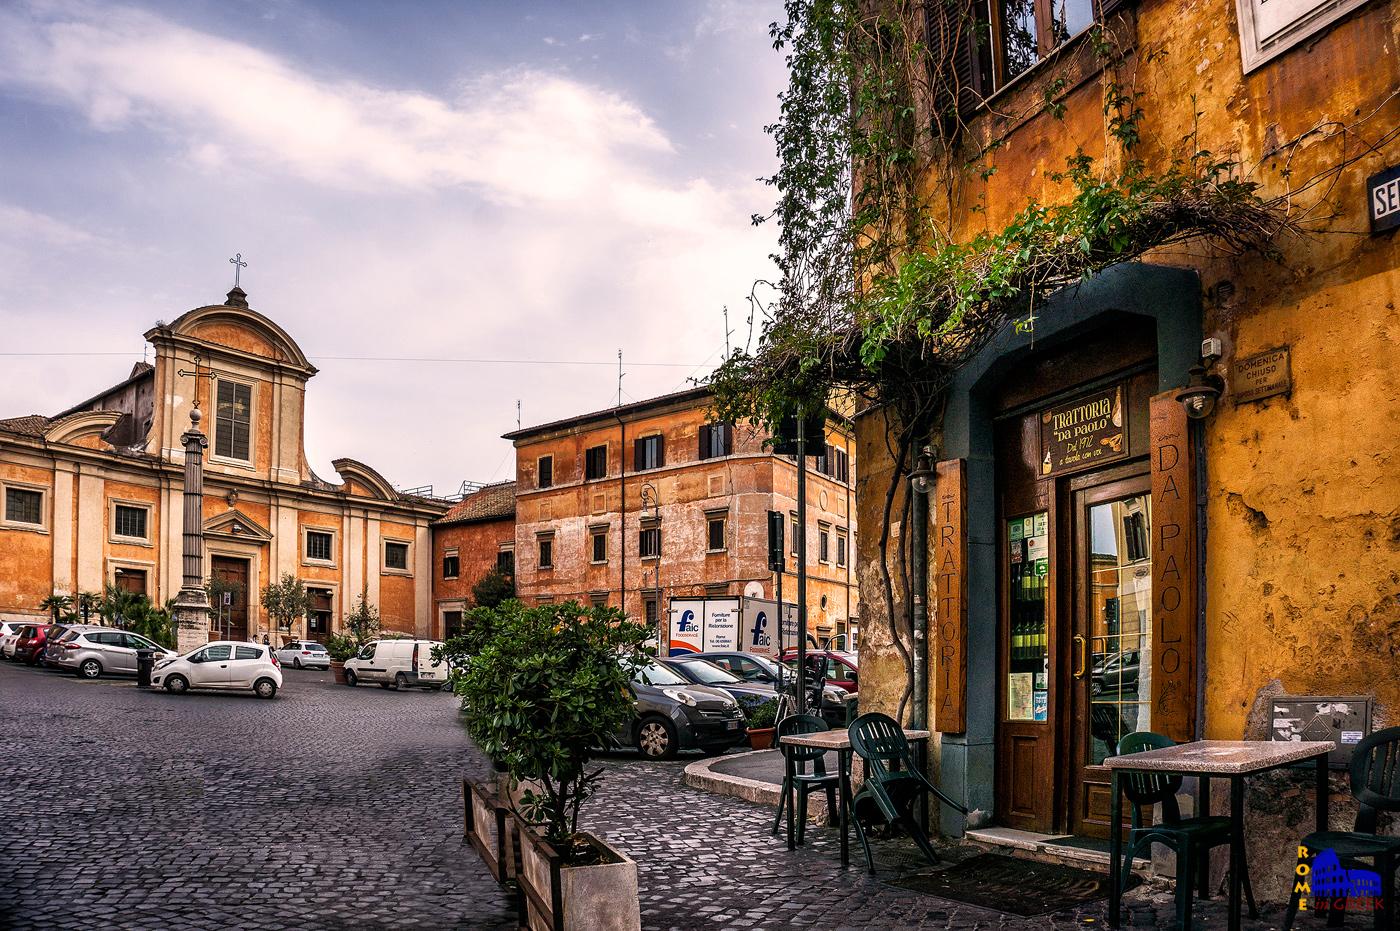 Ο ναός San Francesco a Ripa στην γραφική πλατειούλα του Αγίου Φραγκίσκου (piazza San Francesco d'Assisi). O κίονας στην πλατεία, με τον σταυρό στην κορυφή, είναι ρωμαϊκής εποχής.